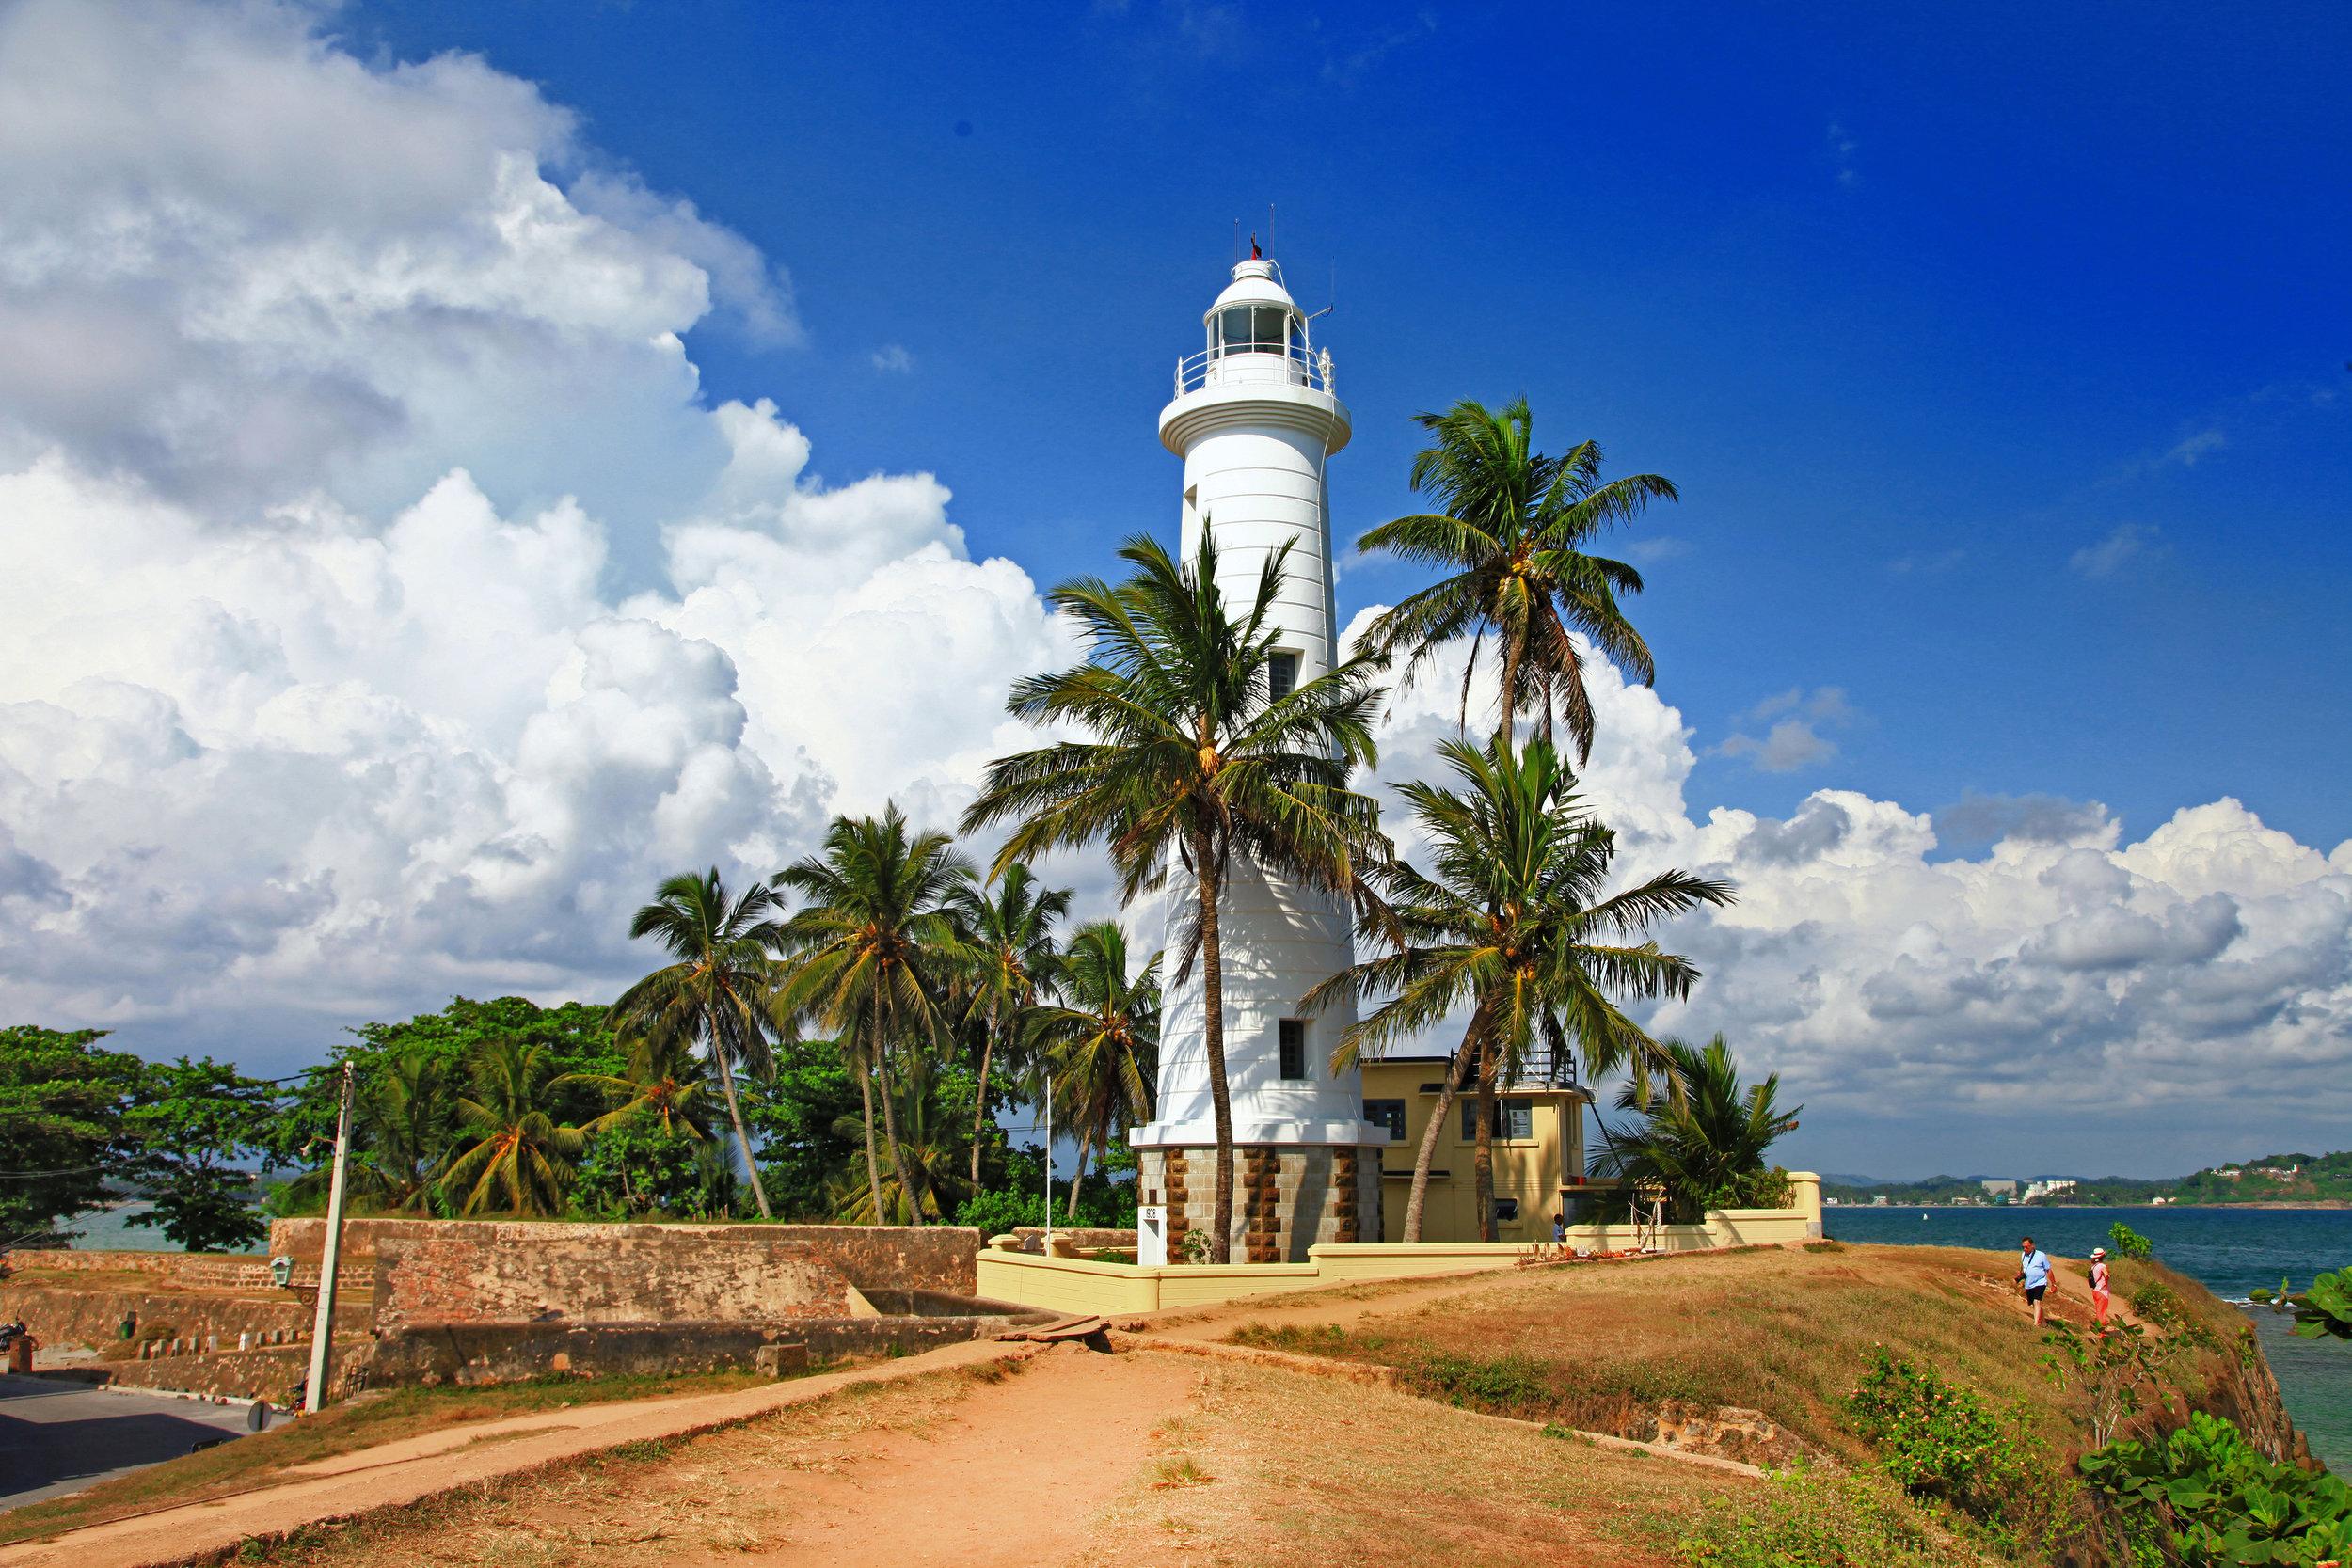 Sri Lanka - reise som inneholder miks av storby, høyland, kultur og barbeint slaraffenliv under palmekronene.